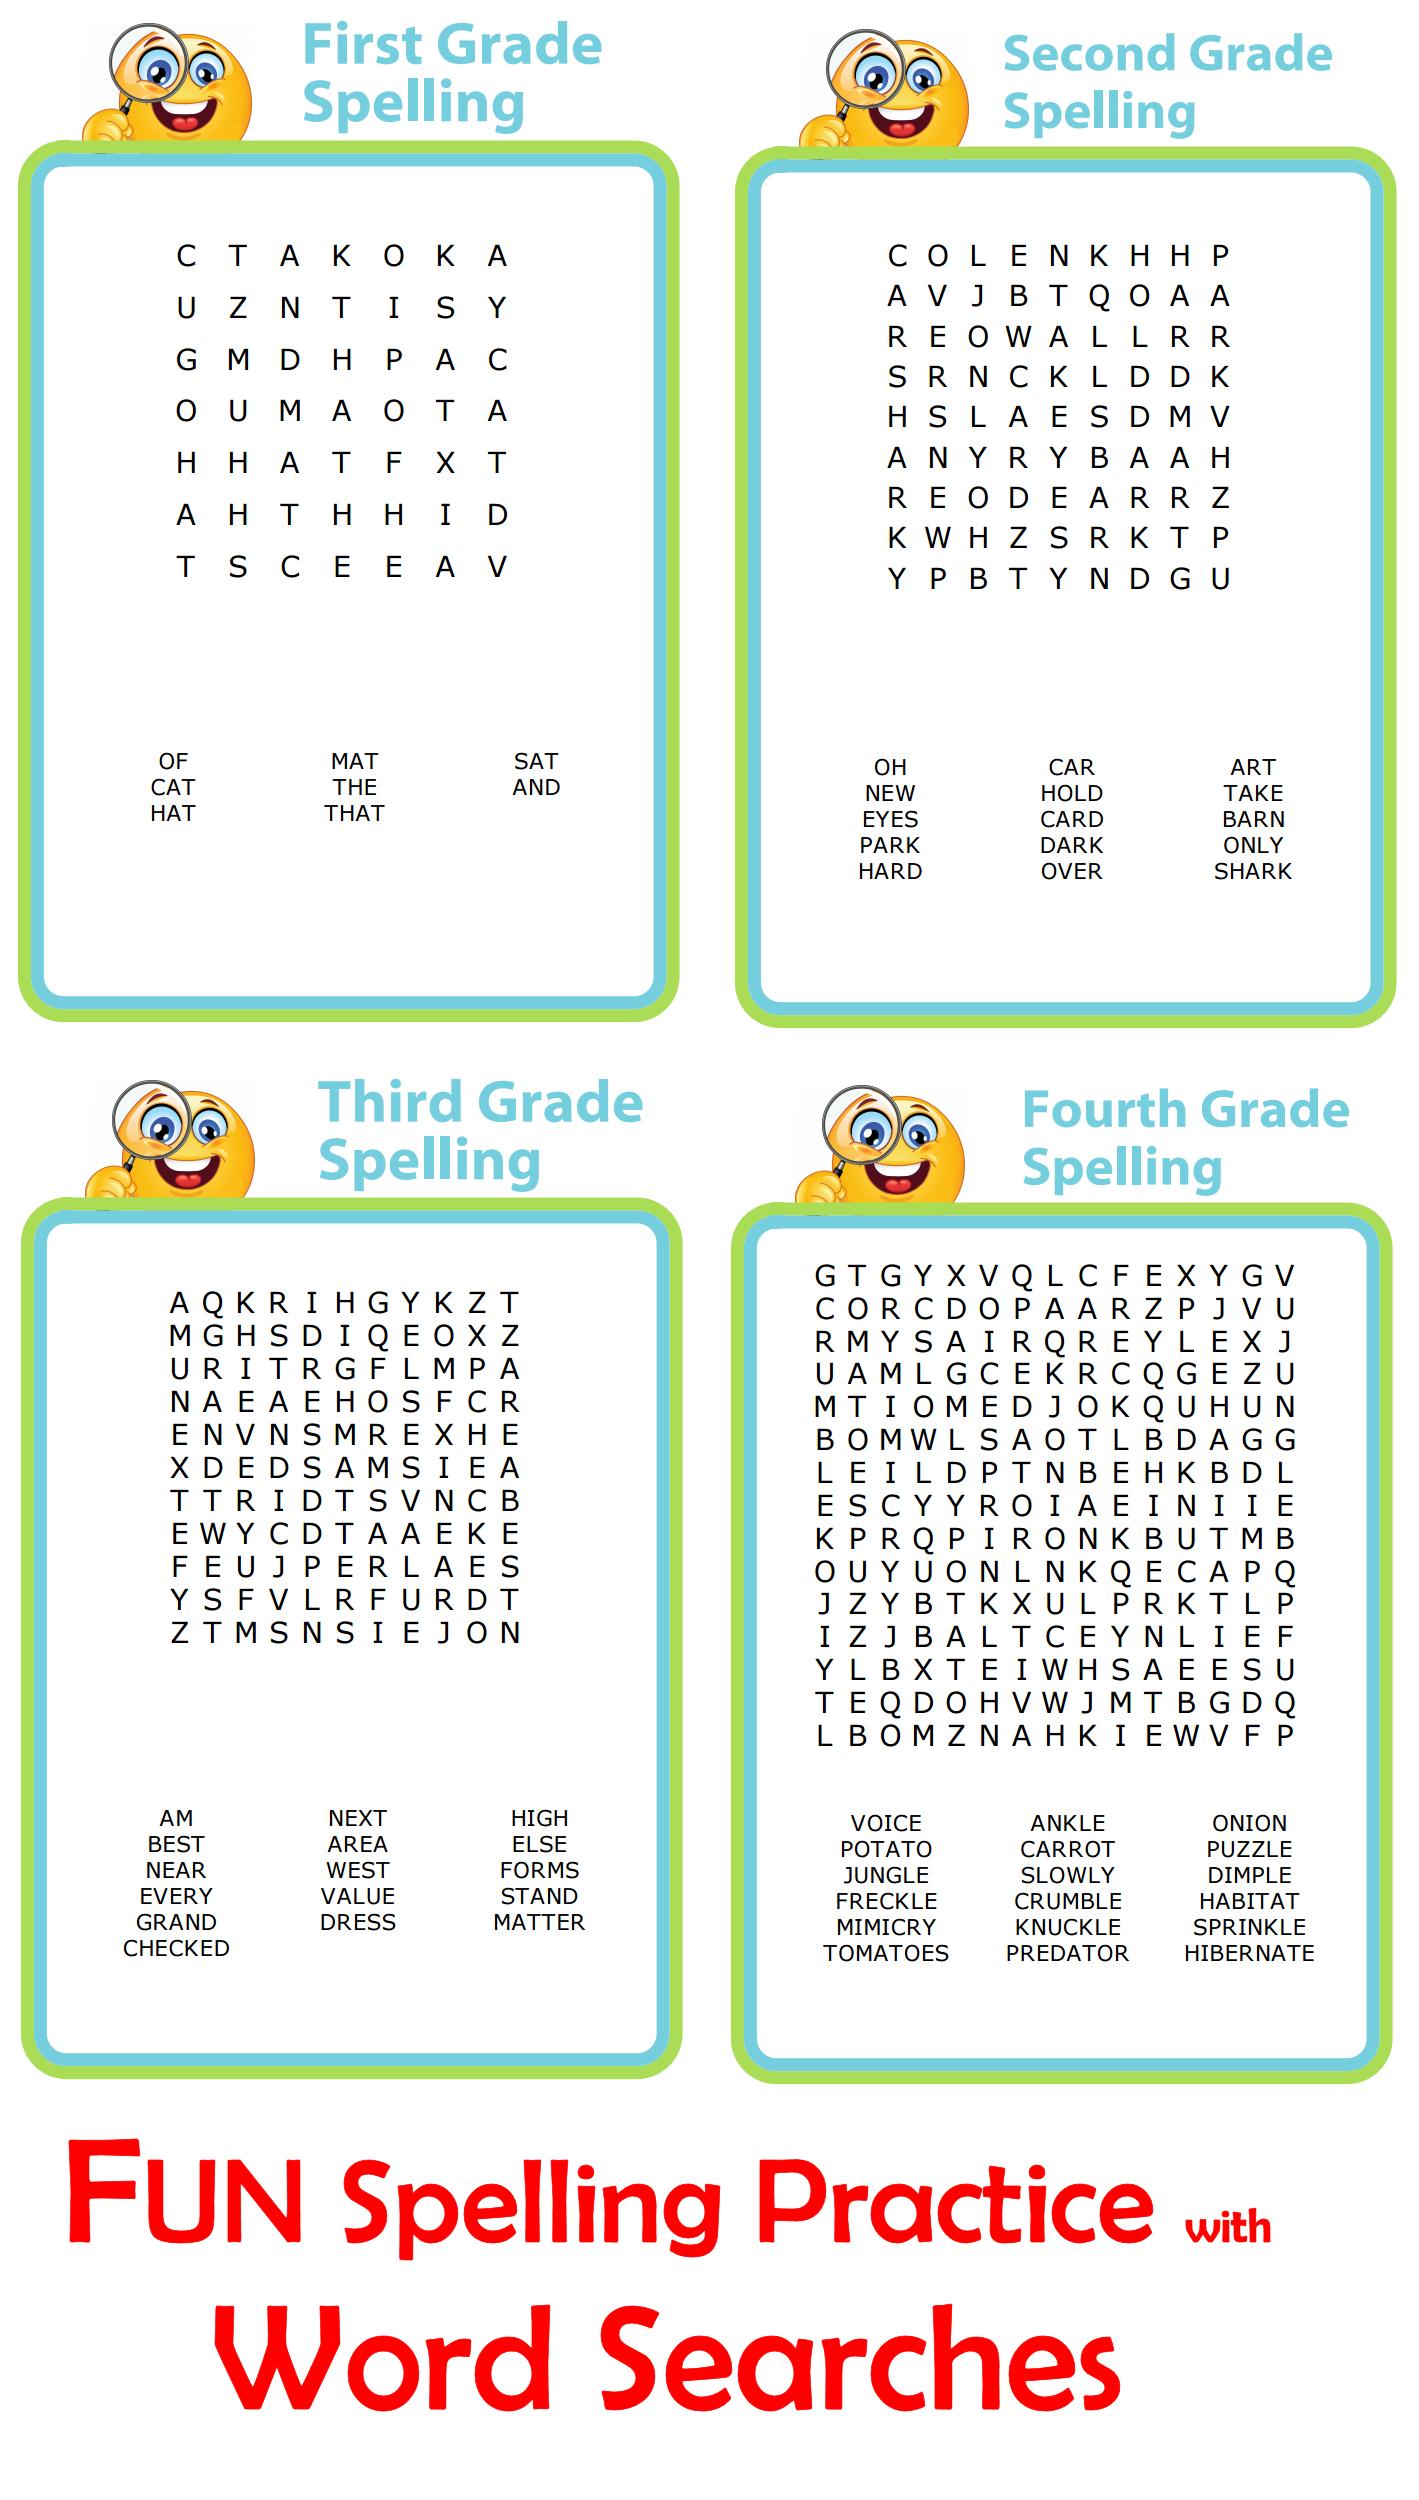 Spelling Site- uri Spelling